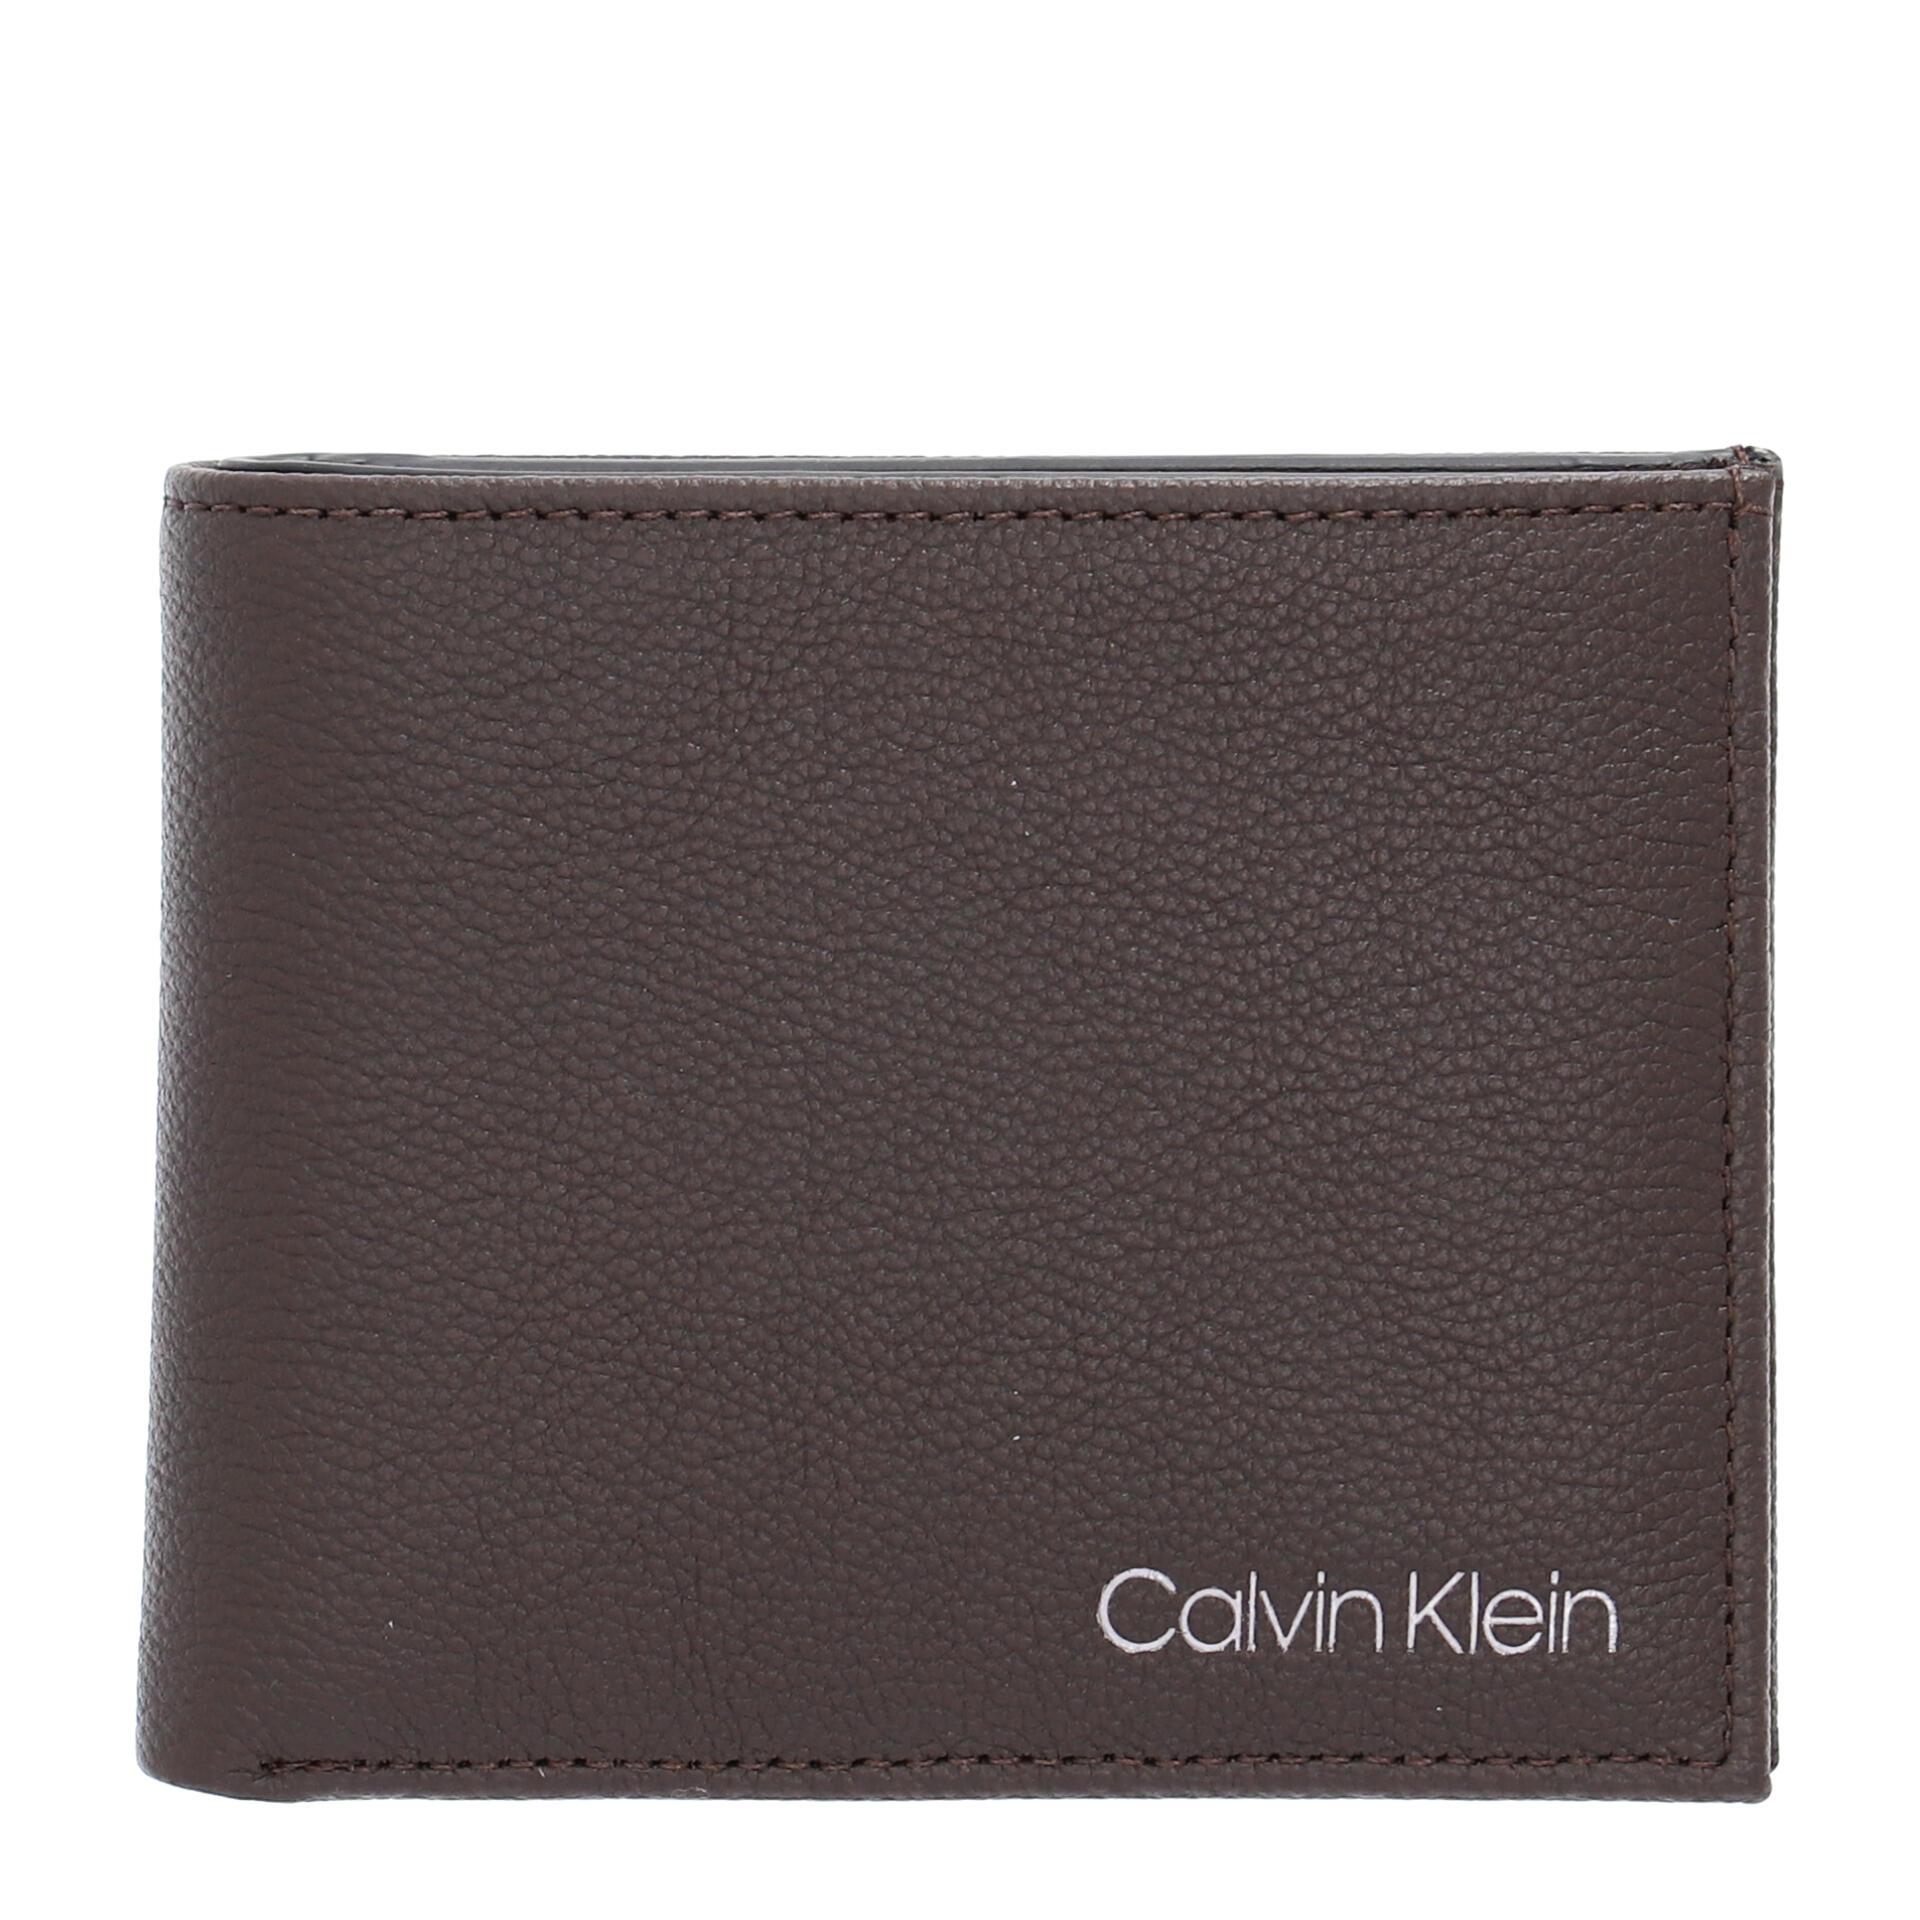 Calvin Klein 5 CC/W Geldbörse dark brown